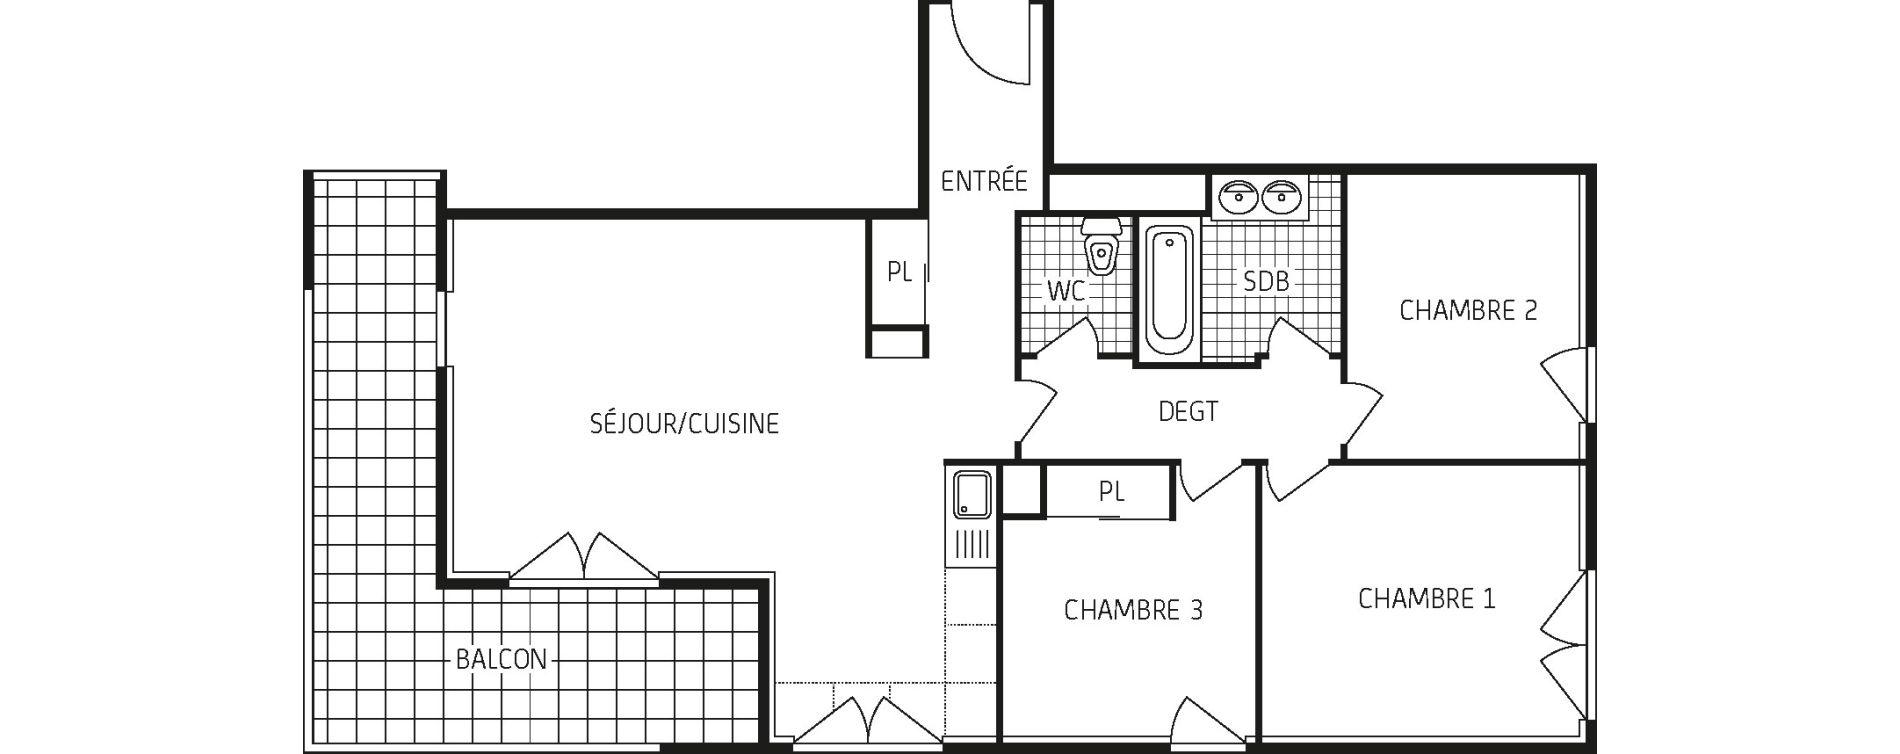 Appartement T4 de 76,25 m2 à Lingolsheim Les tanneries